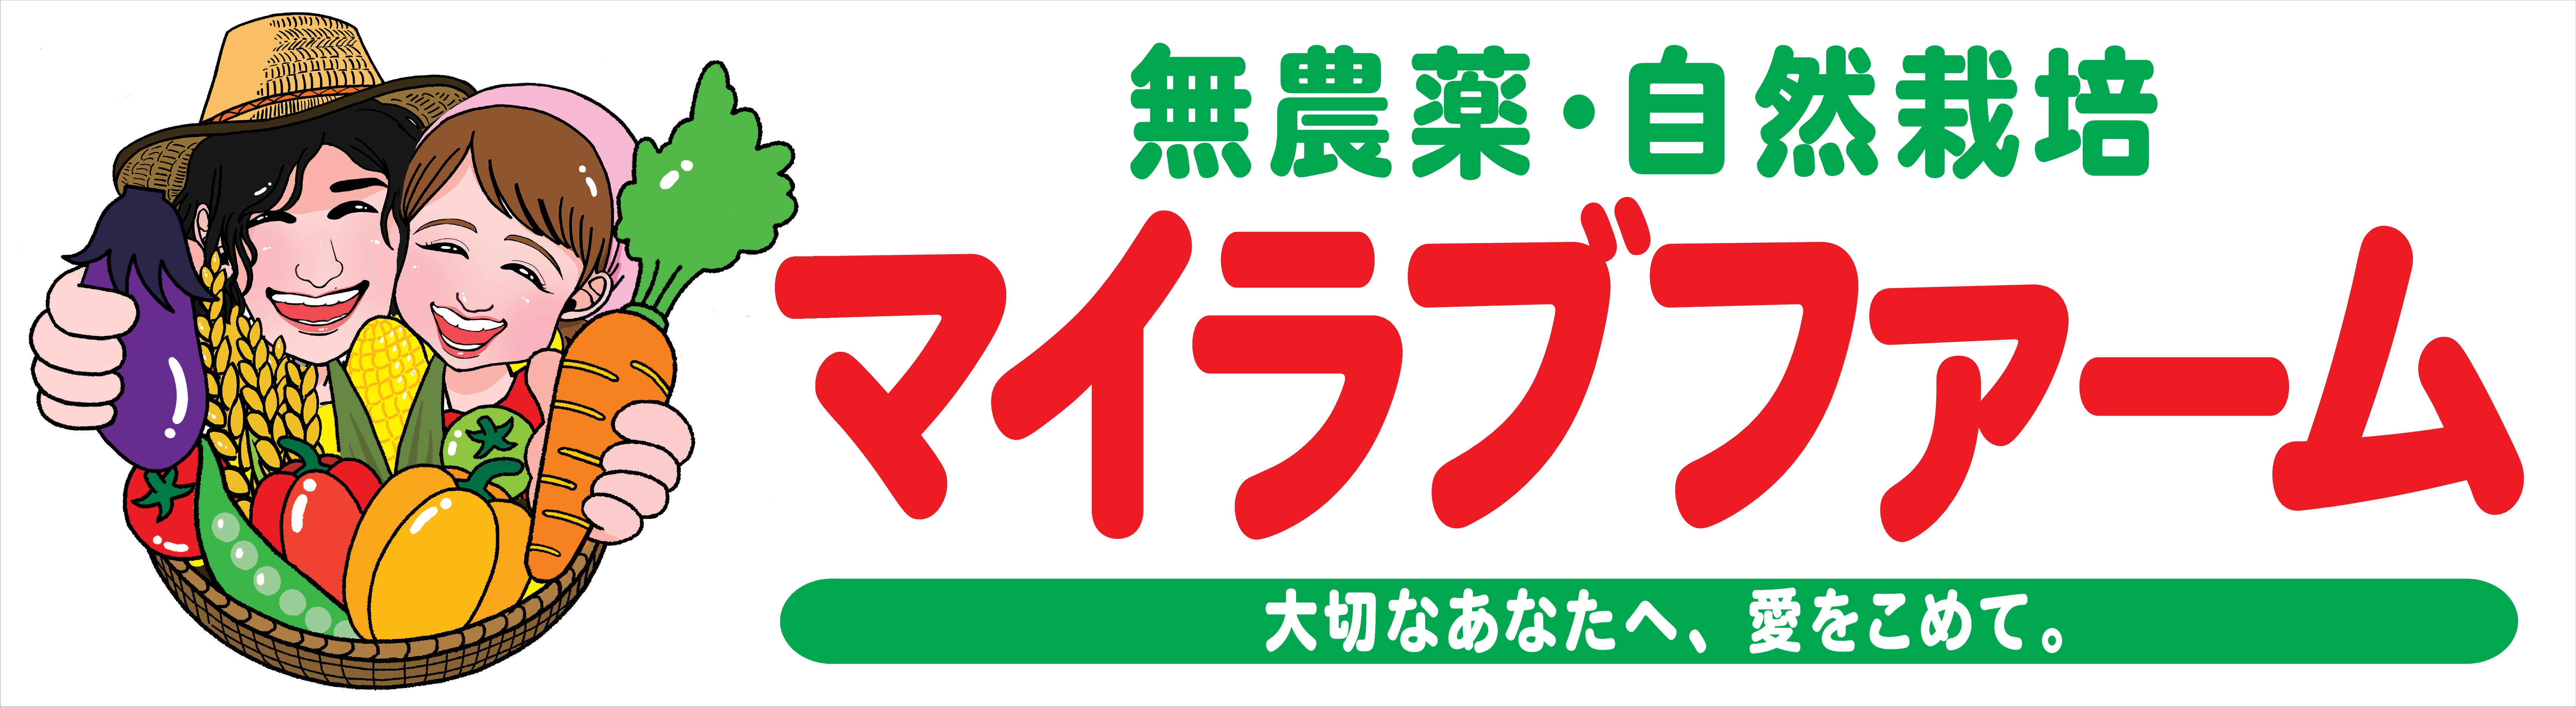 マイラブファーム_イベント看板用イメージ_最新-001